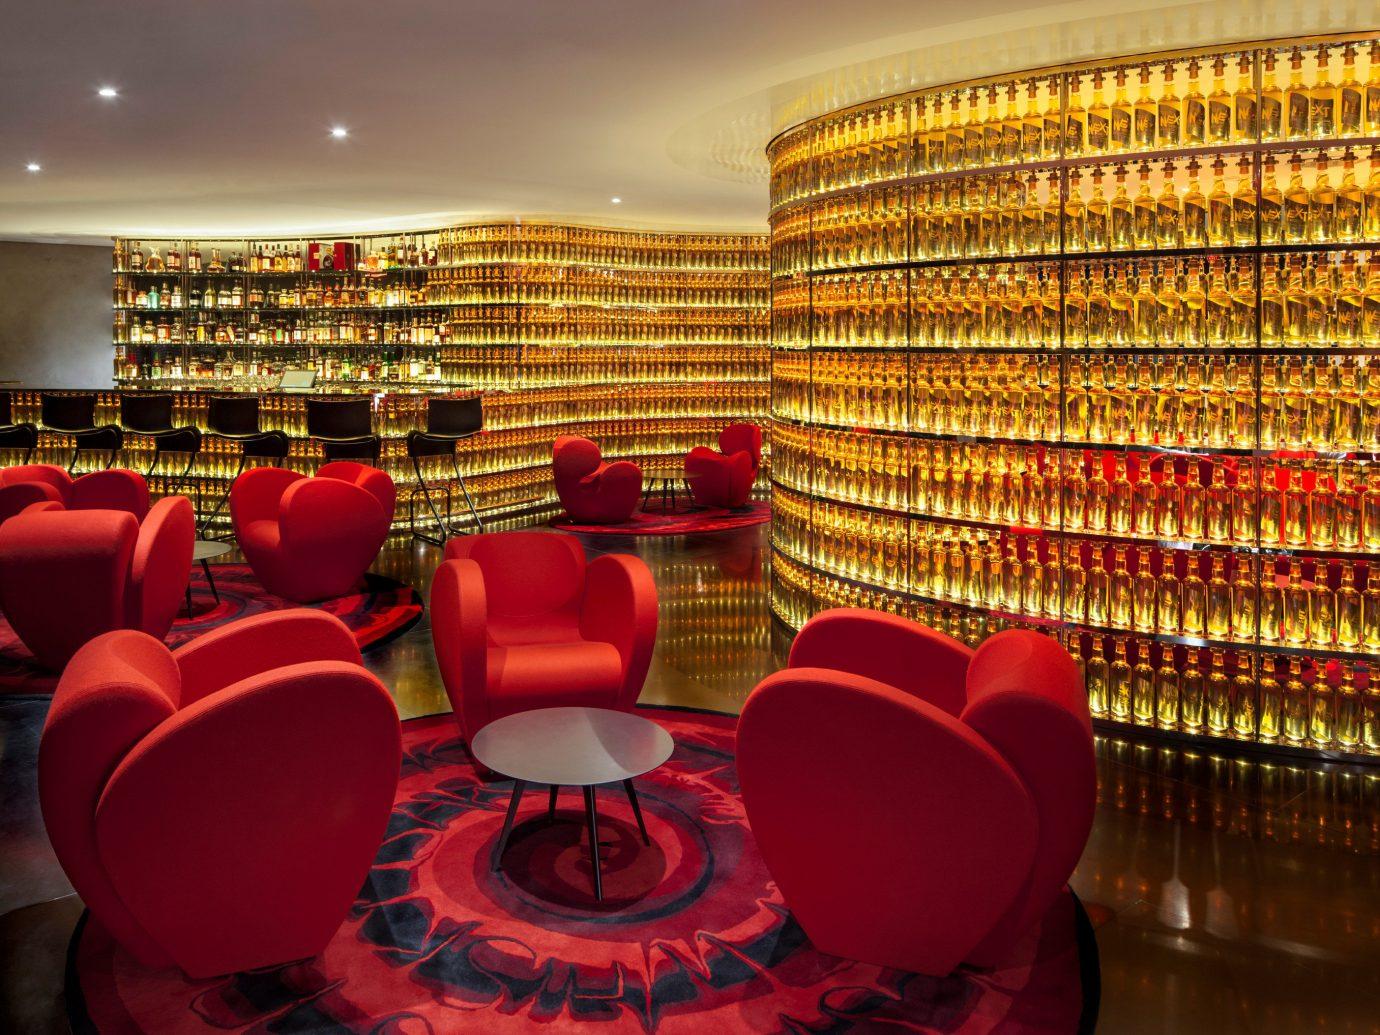 Hotels Weekend Getaways indoor red chair interior design